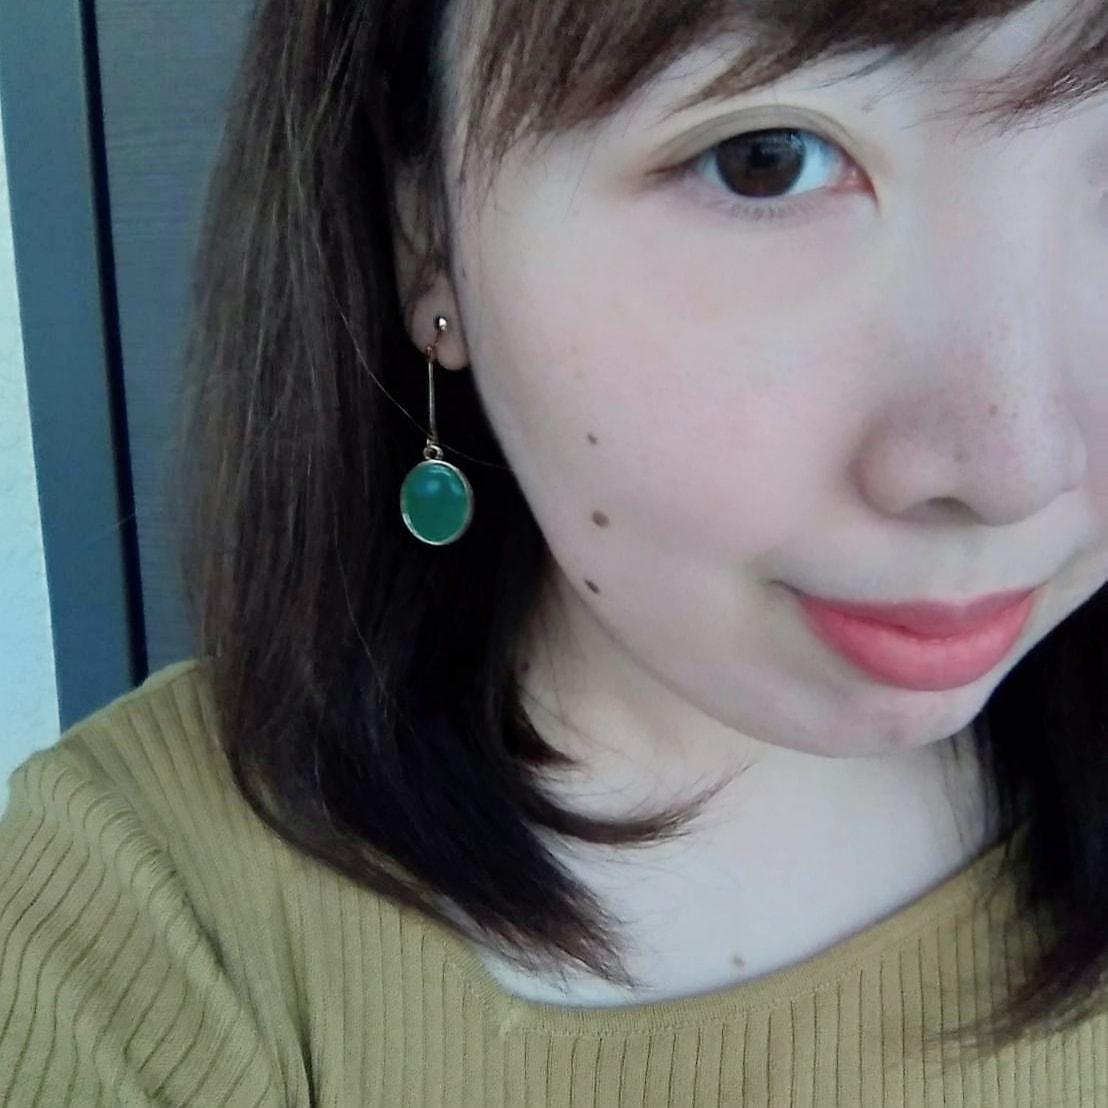 美容気功師 /  美容コラムニスト Nozomi